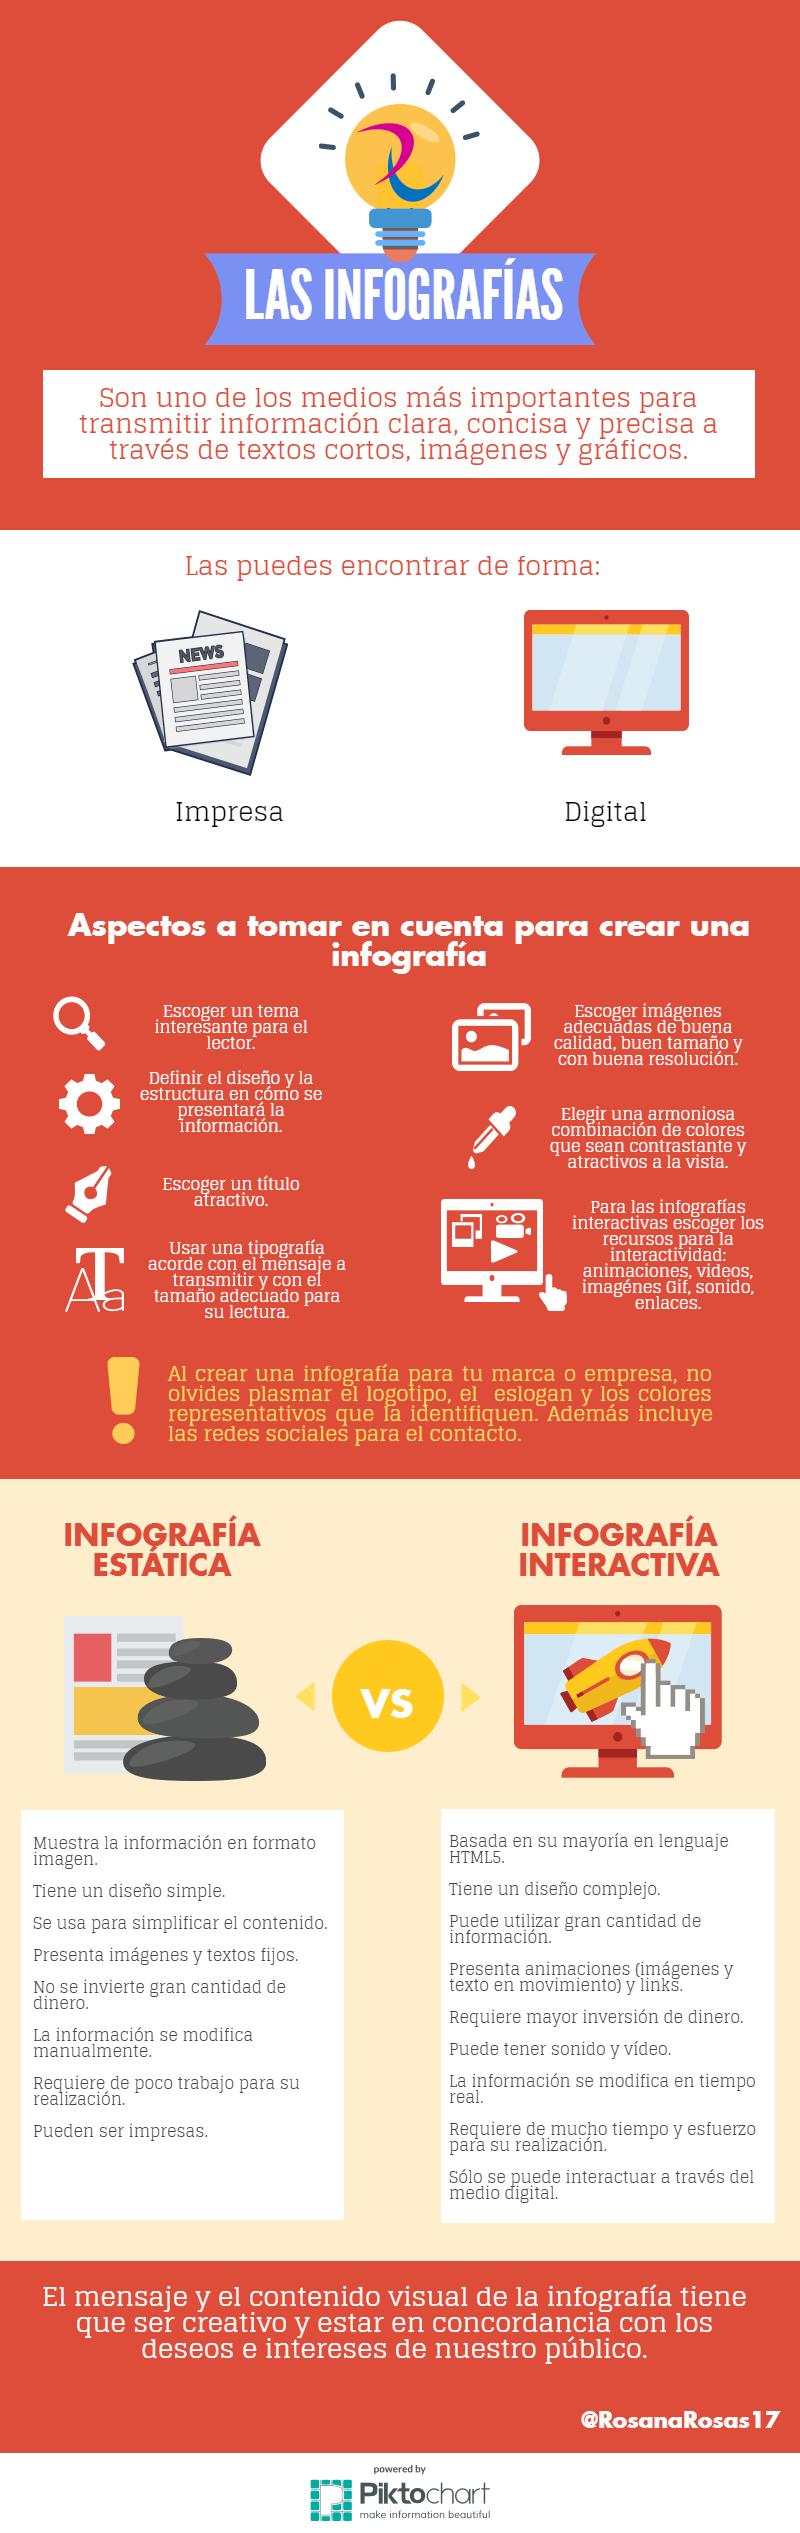 Infografías estáticas vs interactivas #infografia